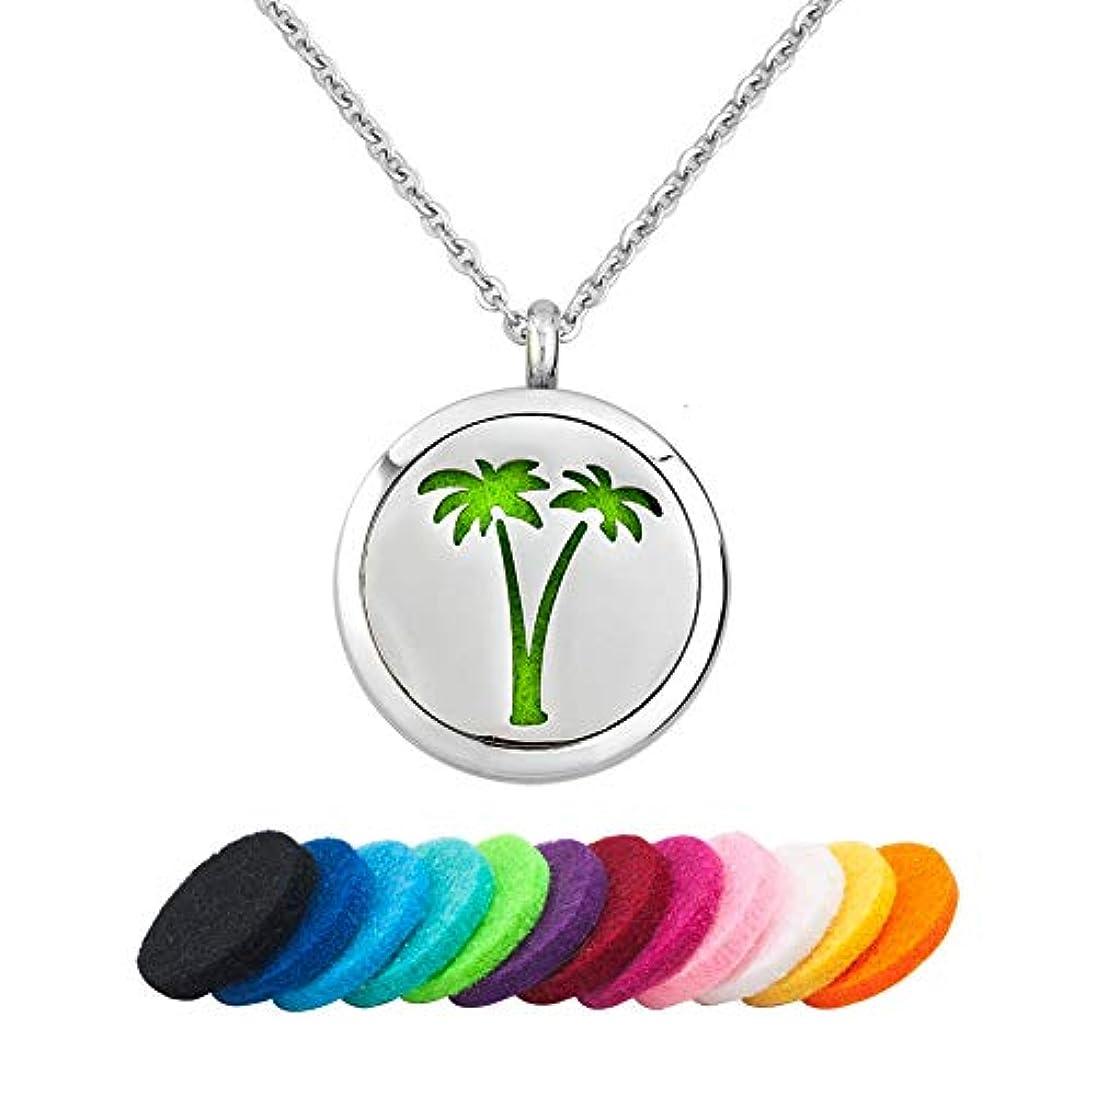 捨てる国ベットCLY Jewelry Love Nature Winds ファイヤーメープルクローバー ヤシの木 マッシュルーム アロマセラピー エッセンシャルオイルディフューザー ネックレスペンダント 12パッド